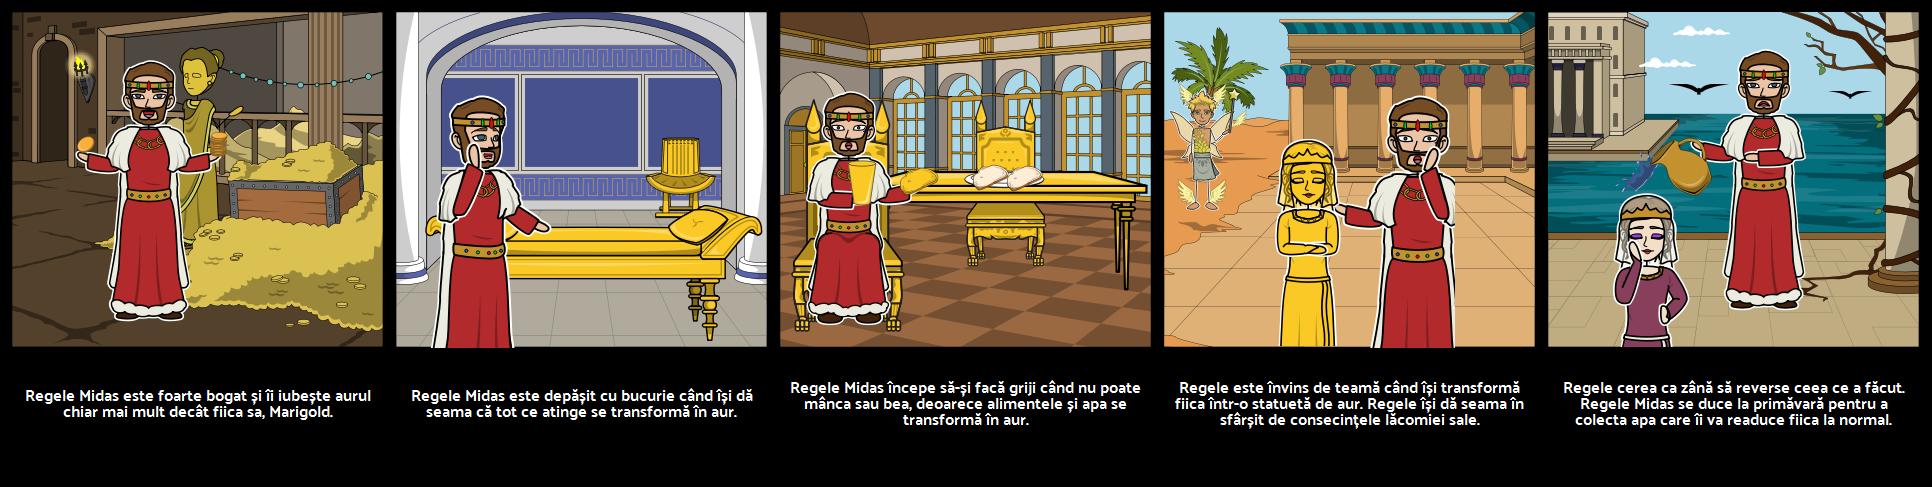 Regele Midas' de aur Analiza Touch Caracter